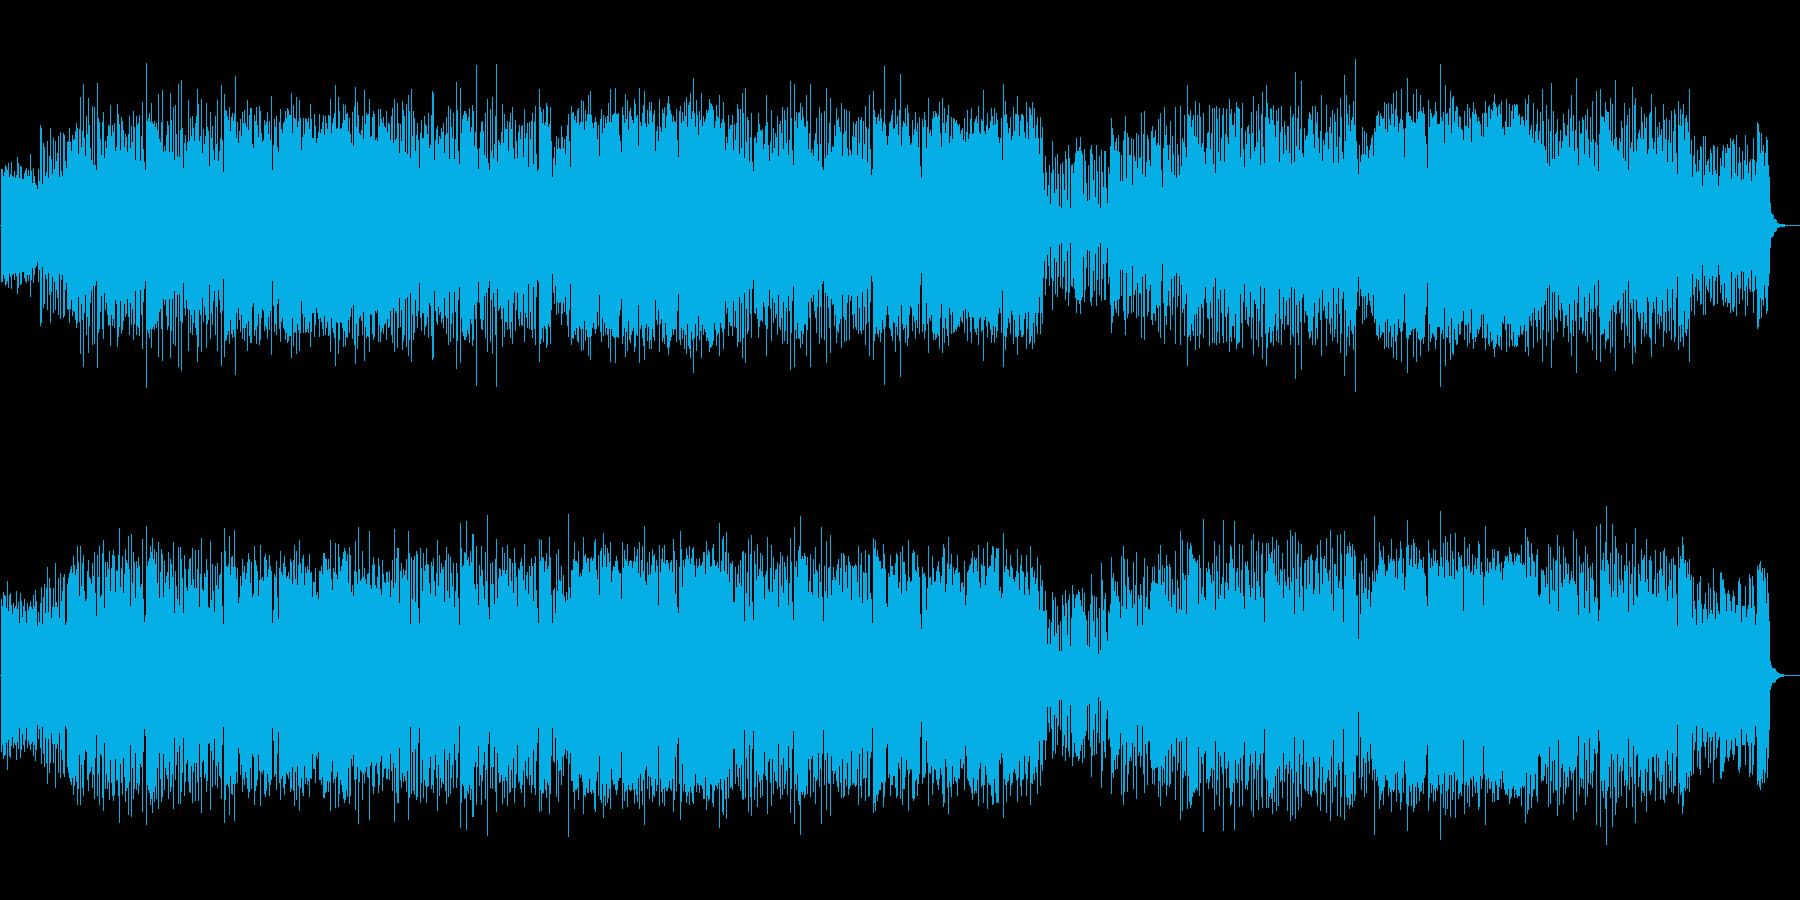 生録音のフルートと軽やかなバンドサウンドの再生済みの波形